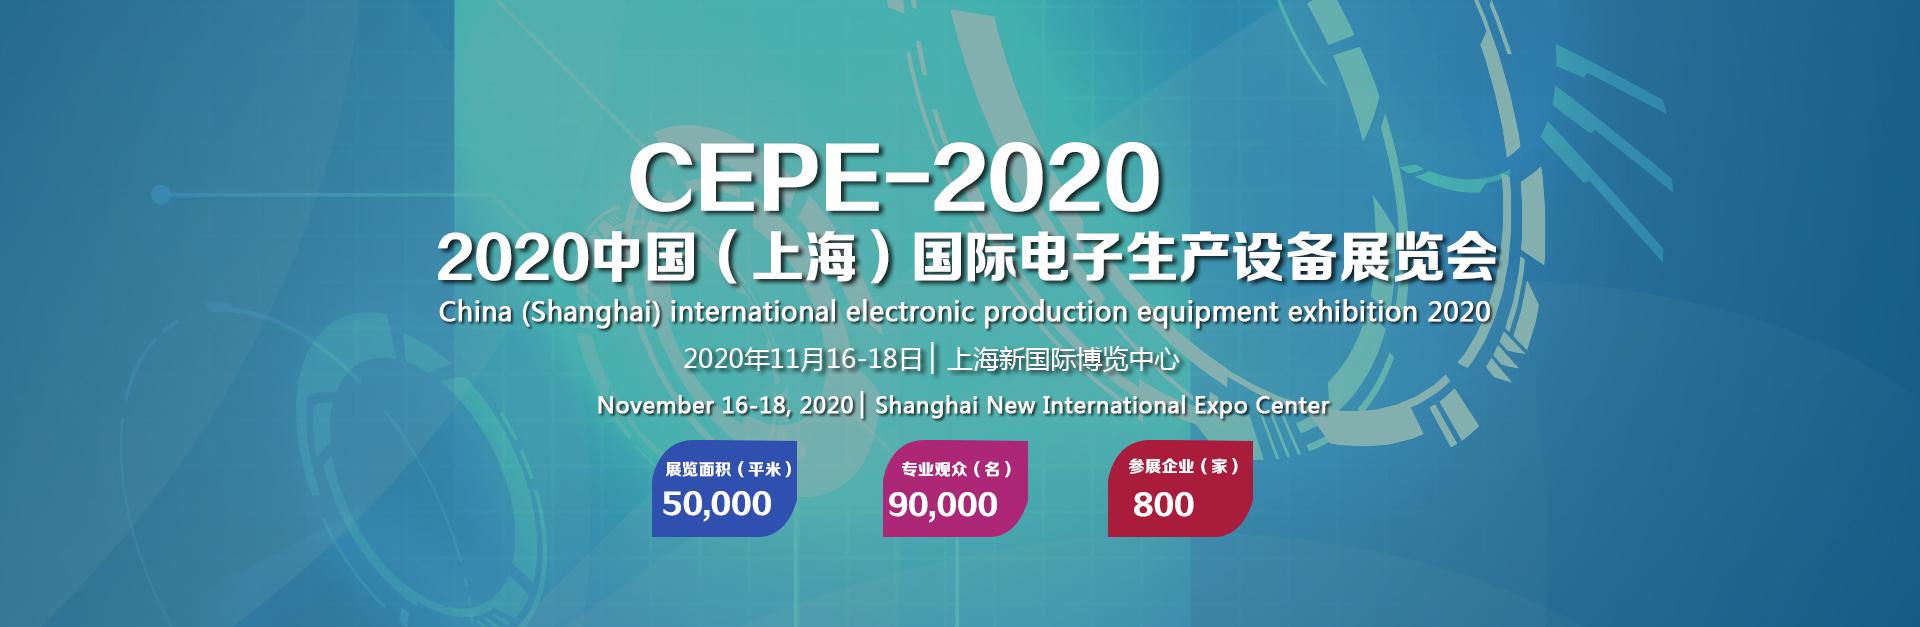 2020中国(上海)国际电子生产设备展览会